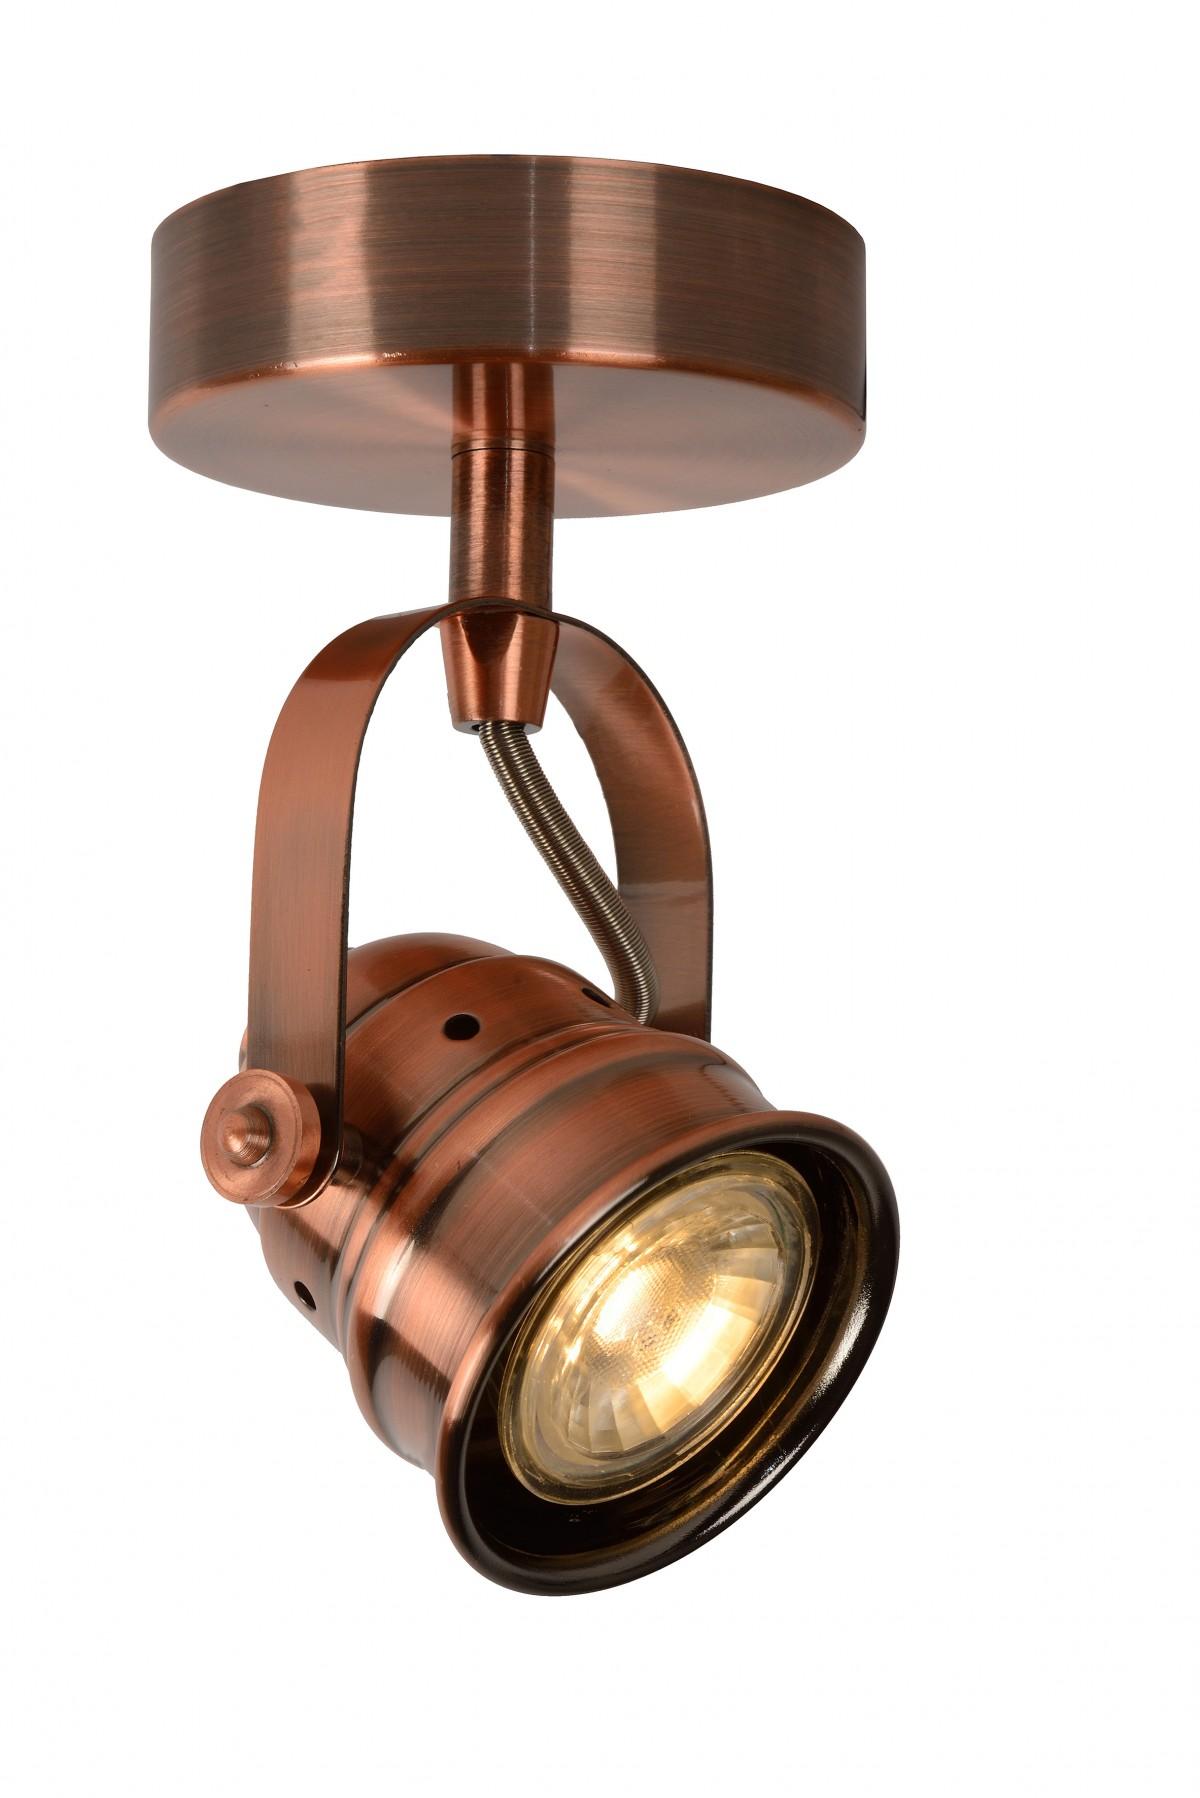 LED stropní bodové svítidlo Lucide Cigal 77974/05/17 1x5W GU10 - krásné bodovky